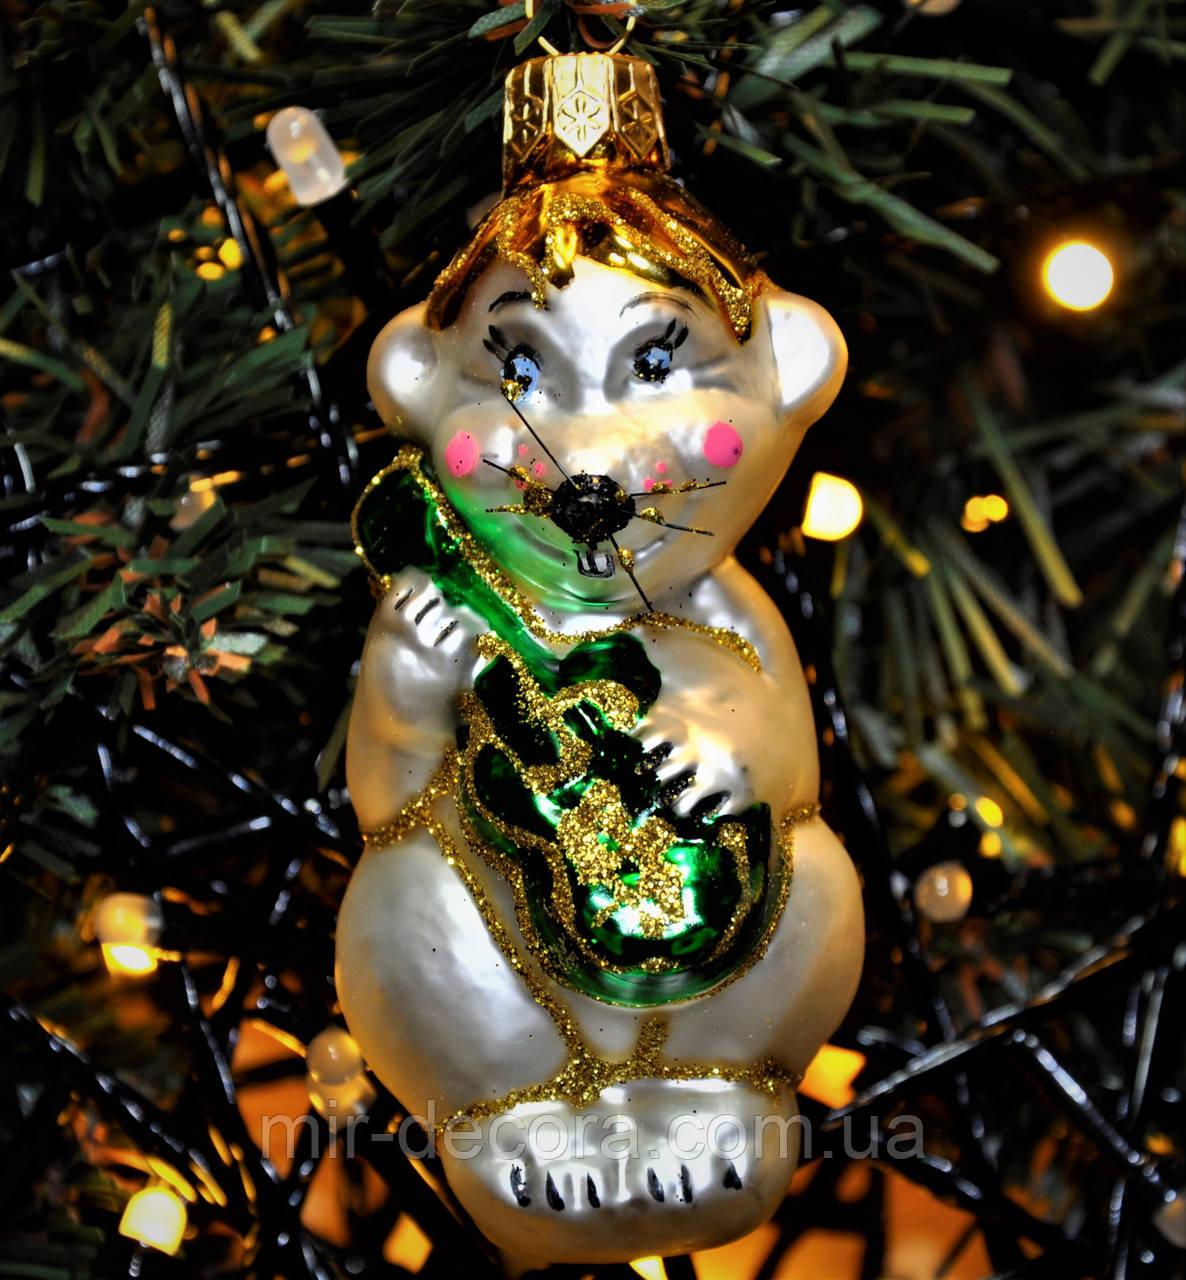 """Игрушка новогодняя стеклянная """"Мышь с гитарой"""". Размер 10 см."""